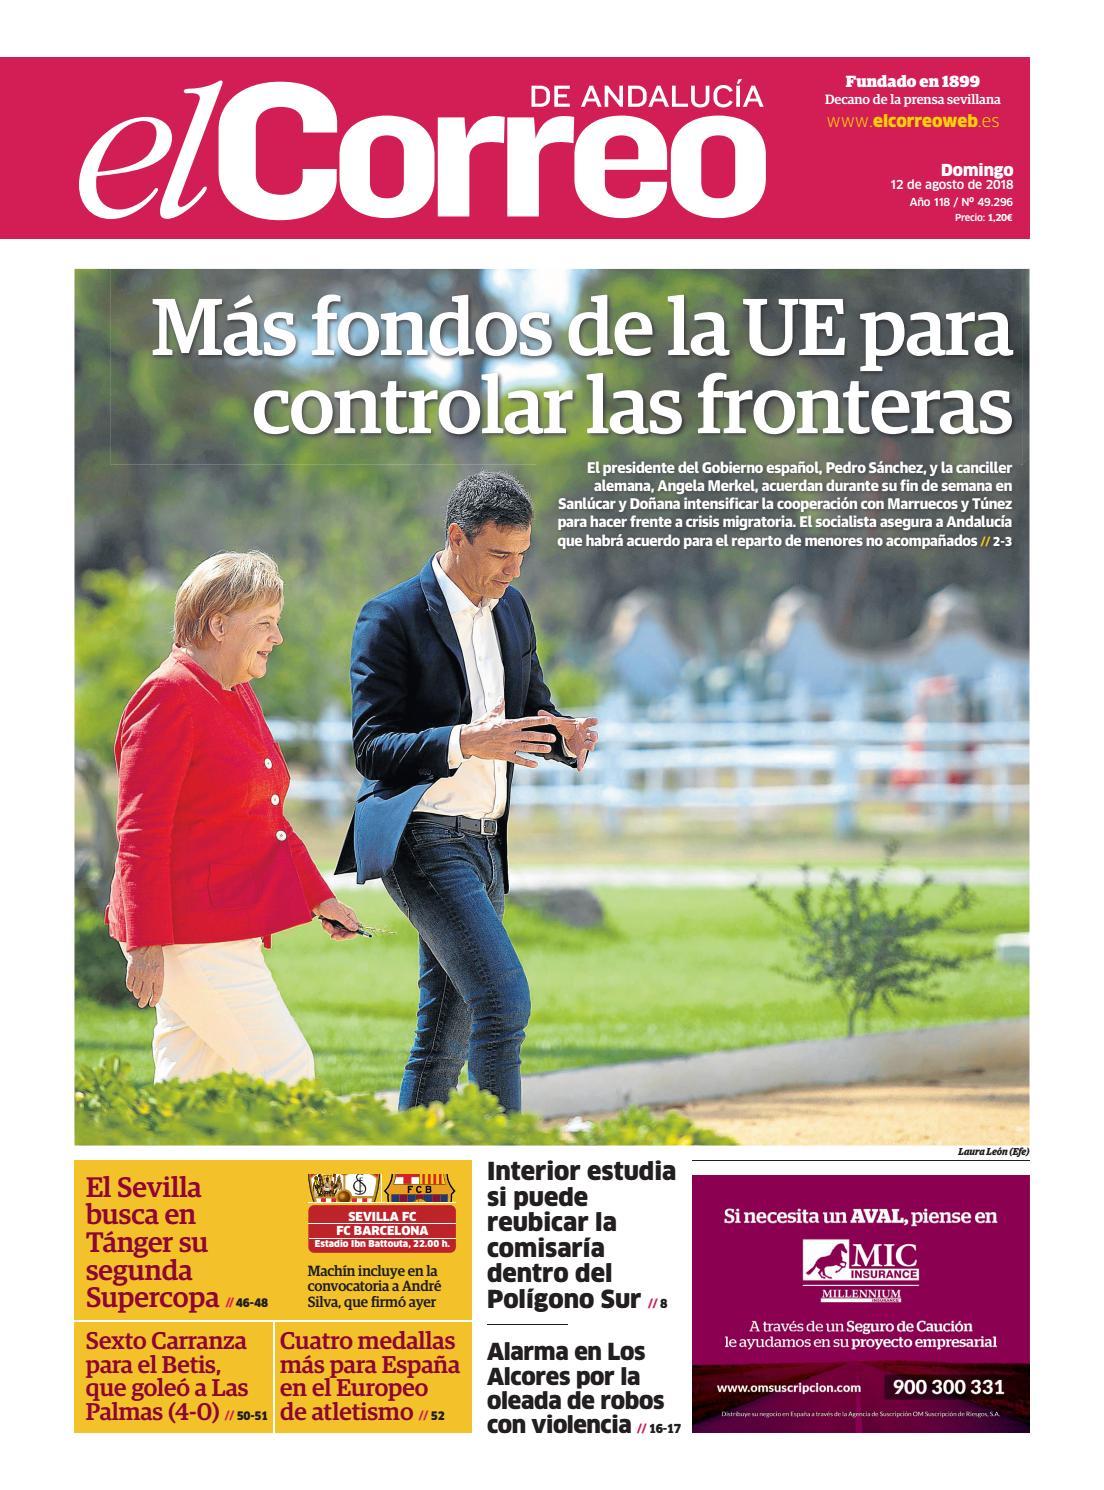 cb958bd6f35 12.08.2018 El Correo de Andalucía by EL CORREO DE ANDALUCÍA S.L. - issuu